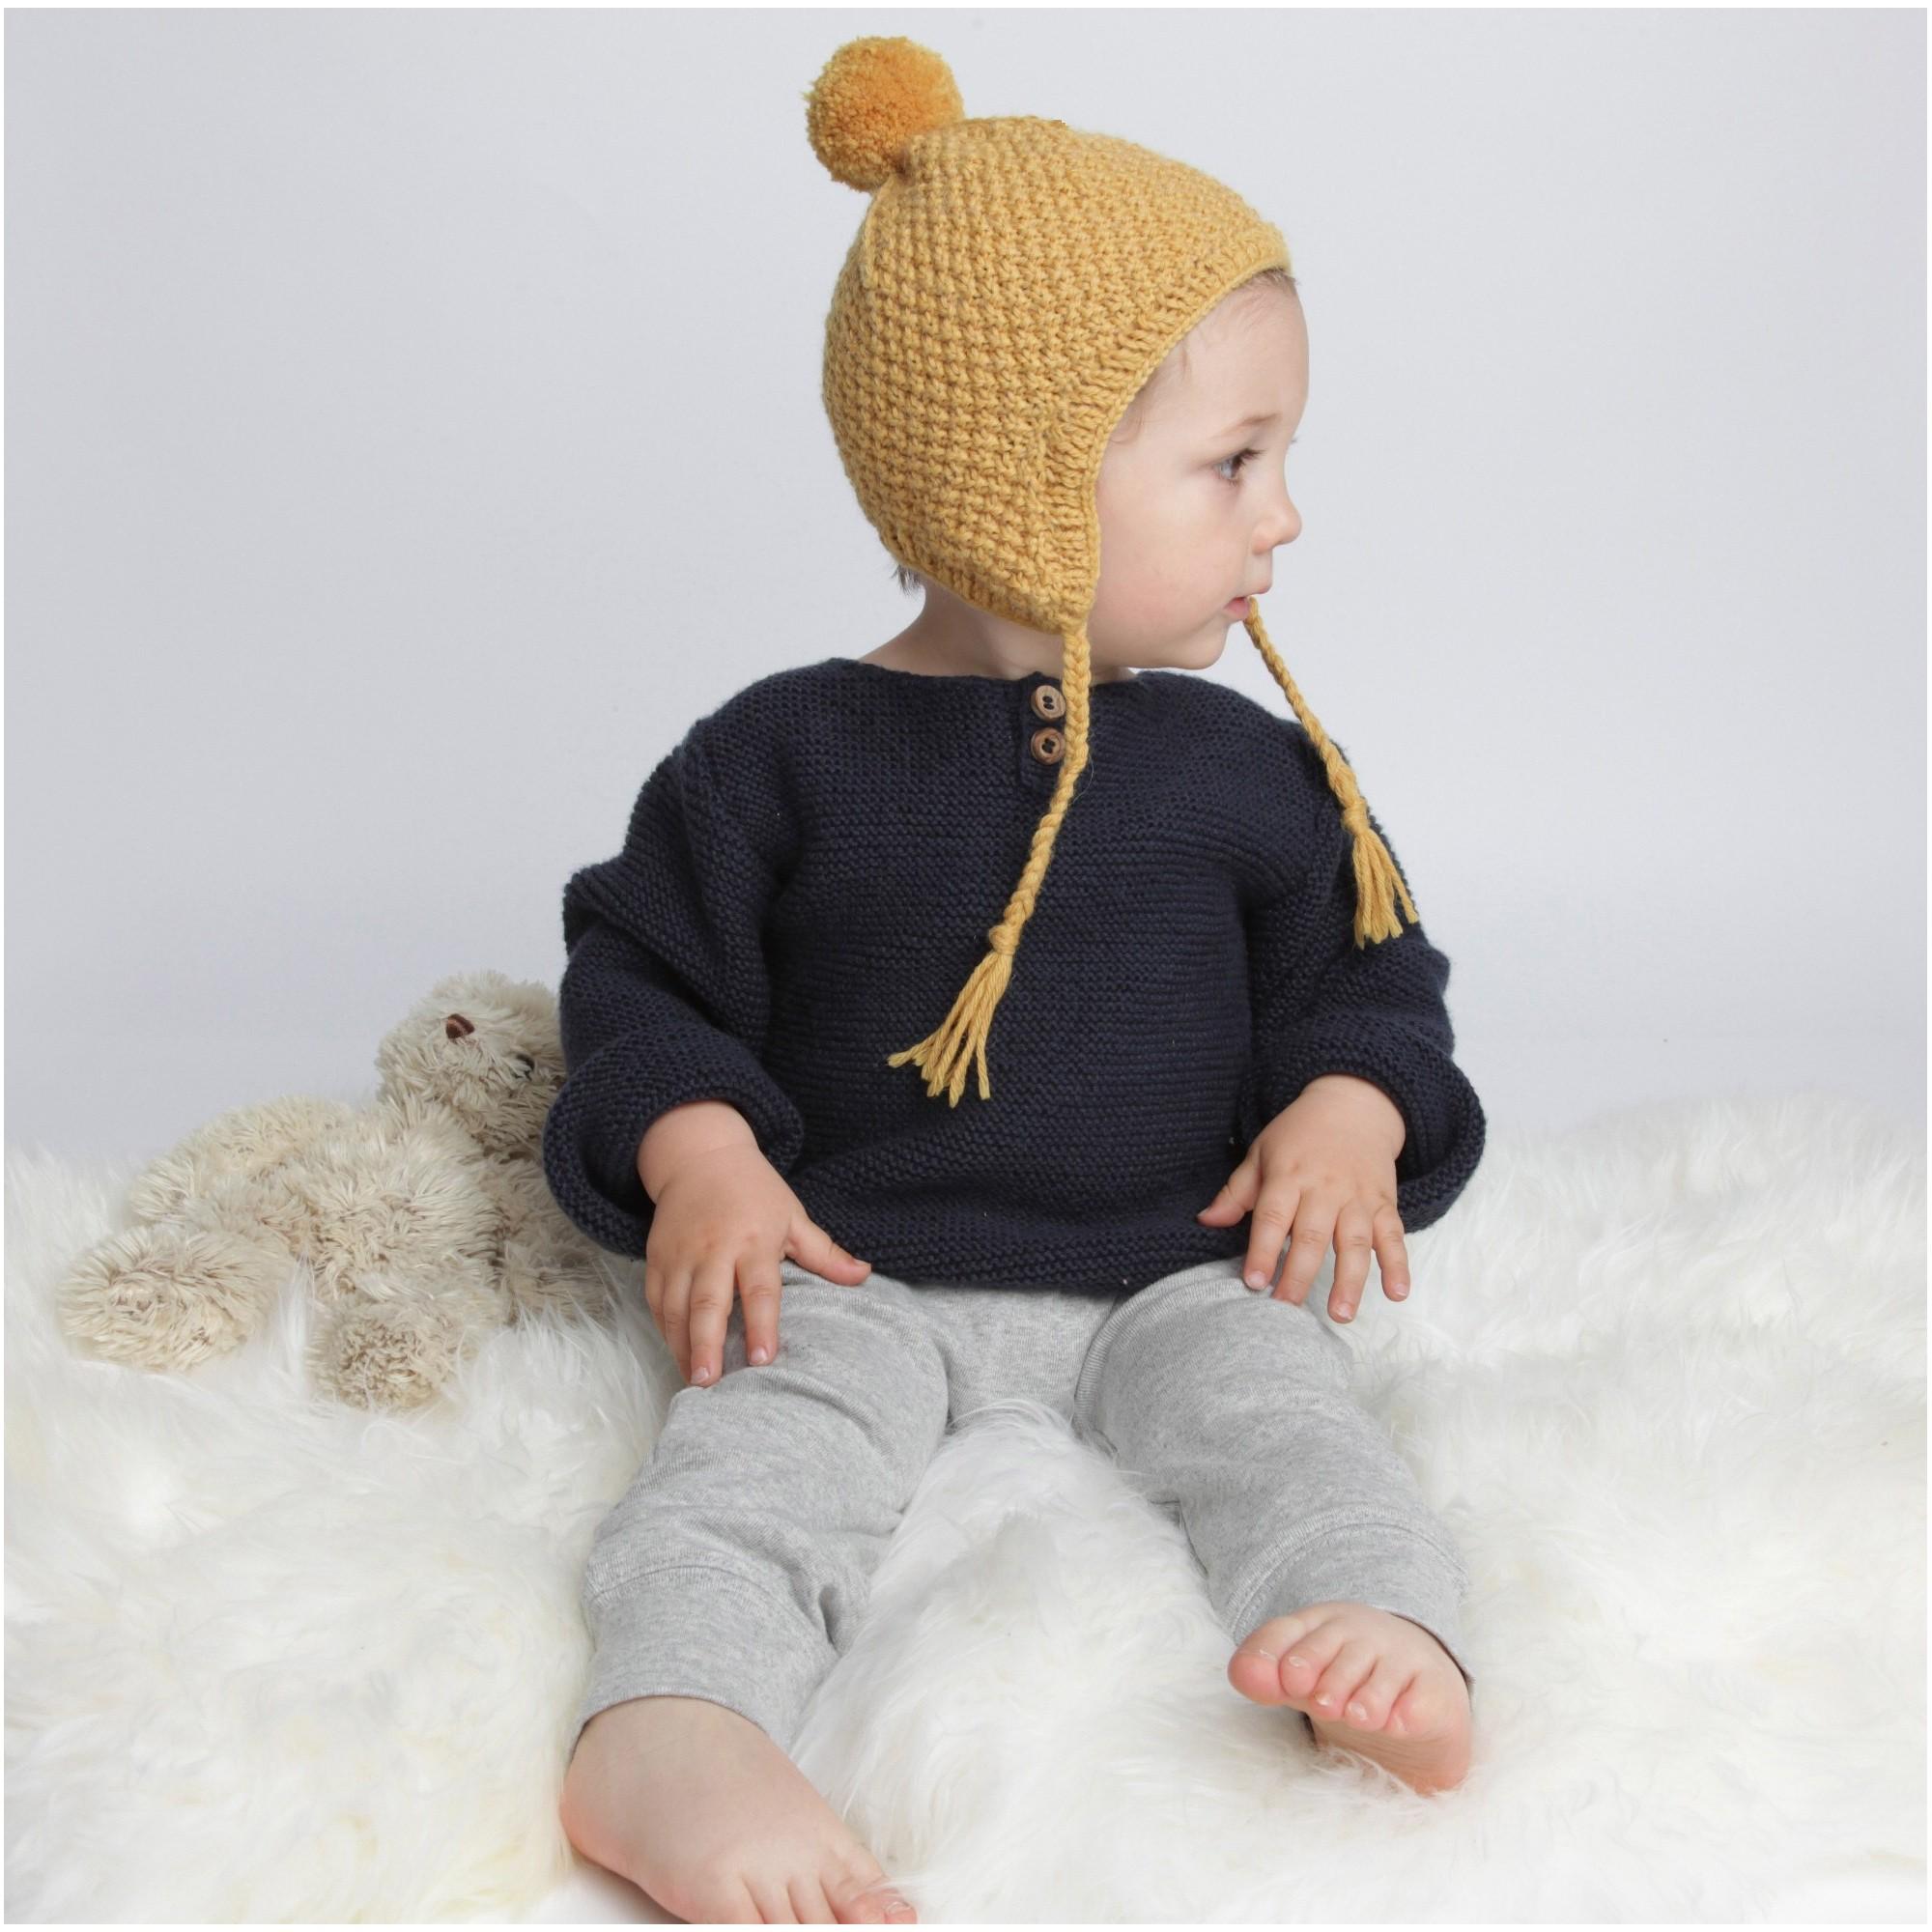 Vieux bonnet en laine   Twin2014 2694ac0fa16